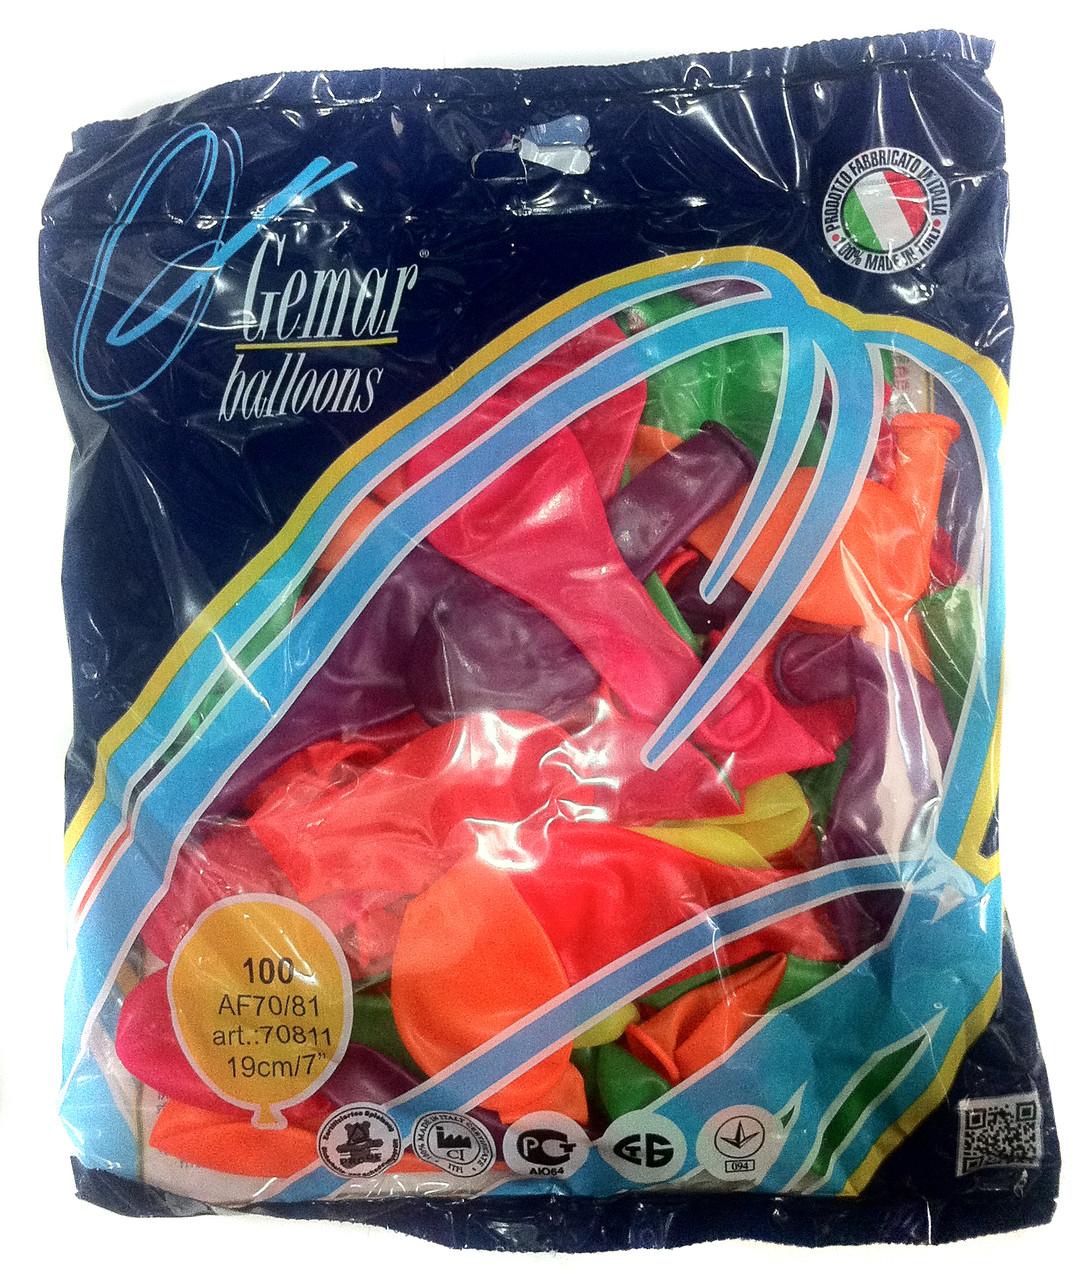 Шары надувные Gemar Balloons неон АF-70, 100шт. - Оптовая компания Почти всё в Харькове